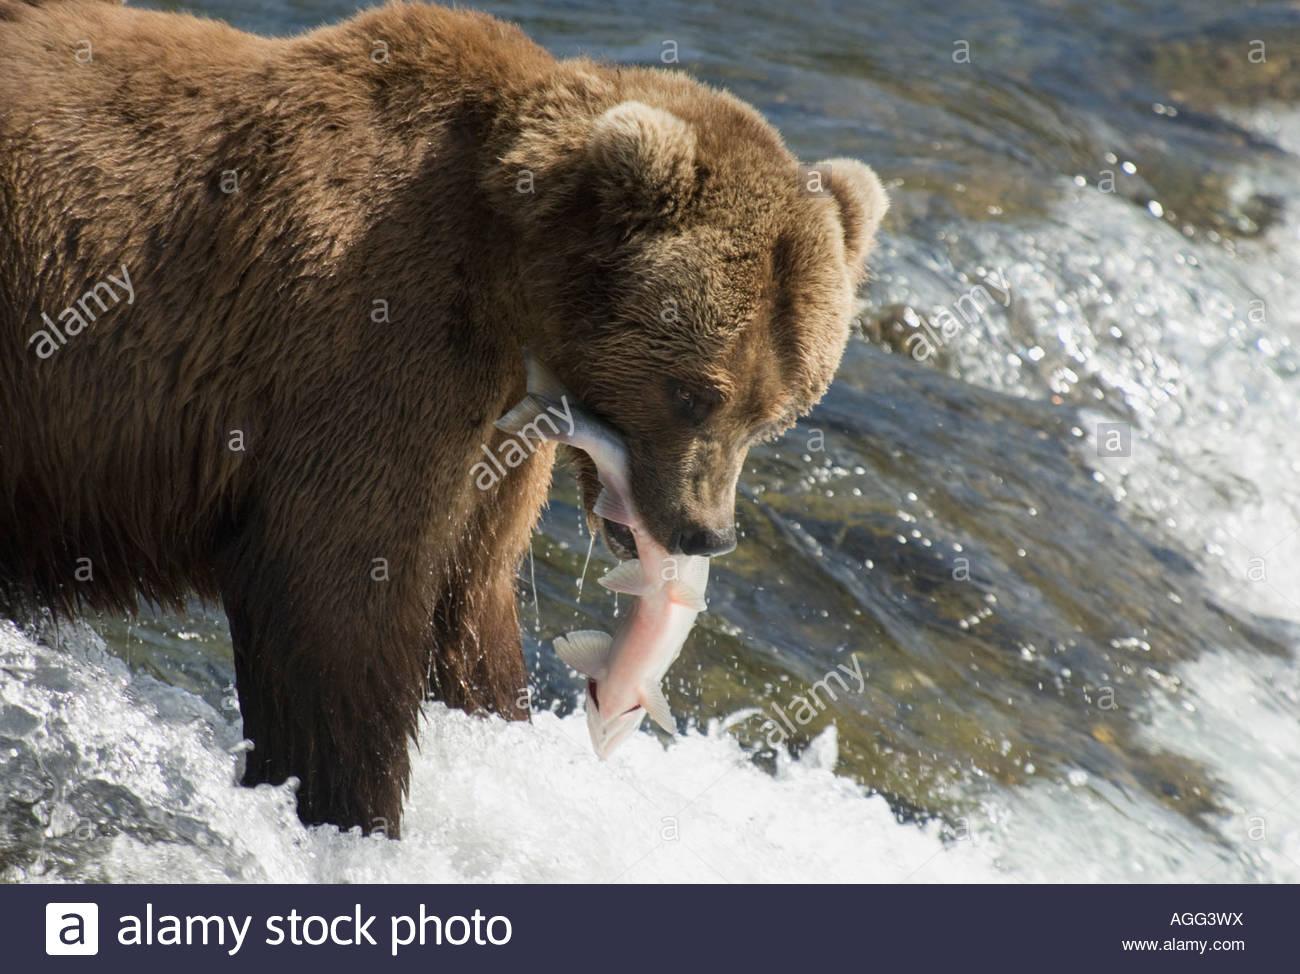 Alaskan Orso grizzly con un salmone nella sua bocca, fiume Brooks, Katmai National Park, Alaska, STATI UNITI D'AMERICA Immagini Stock